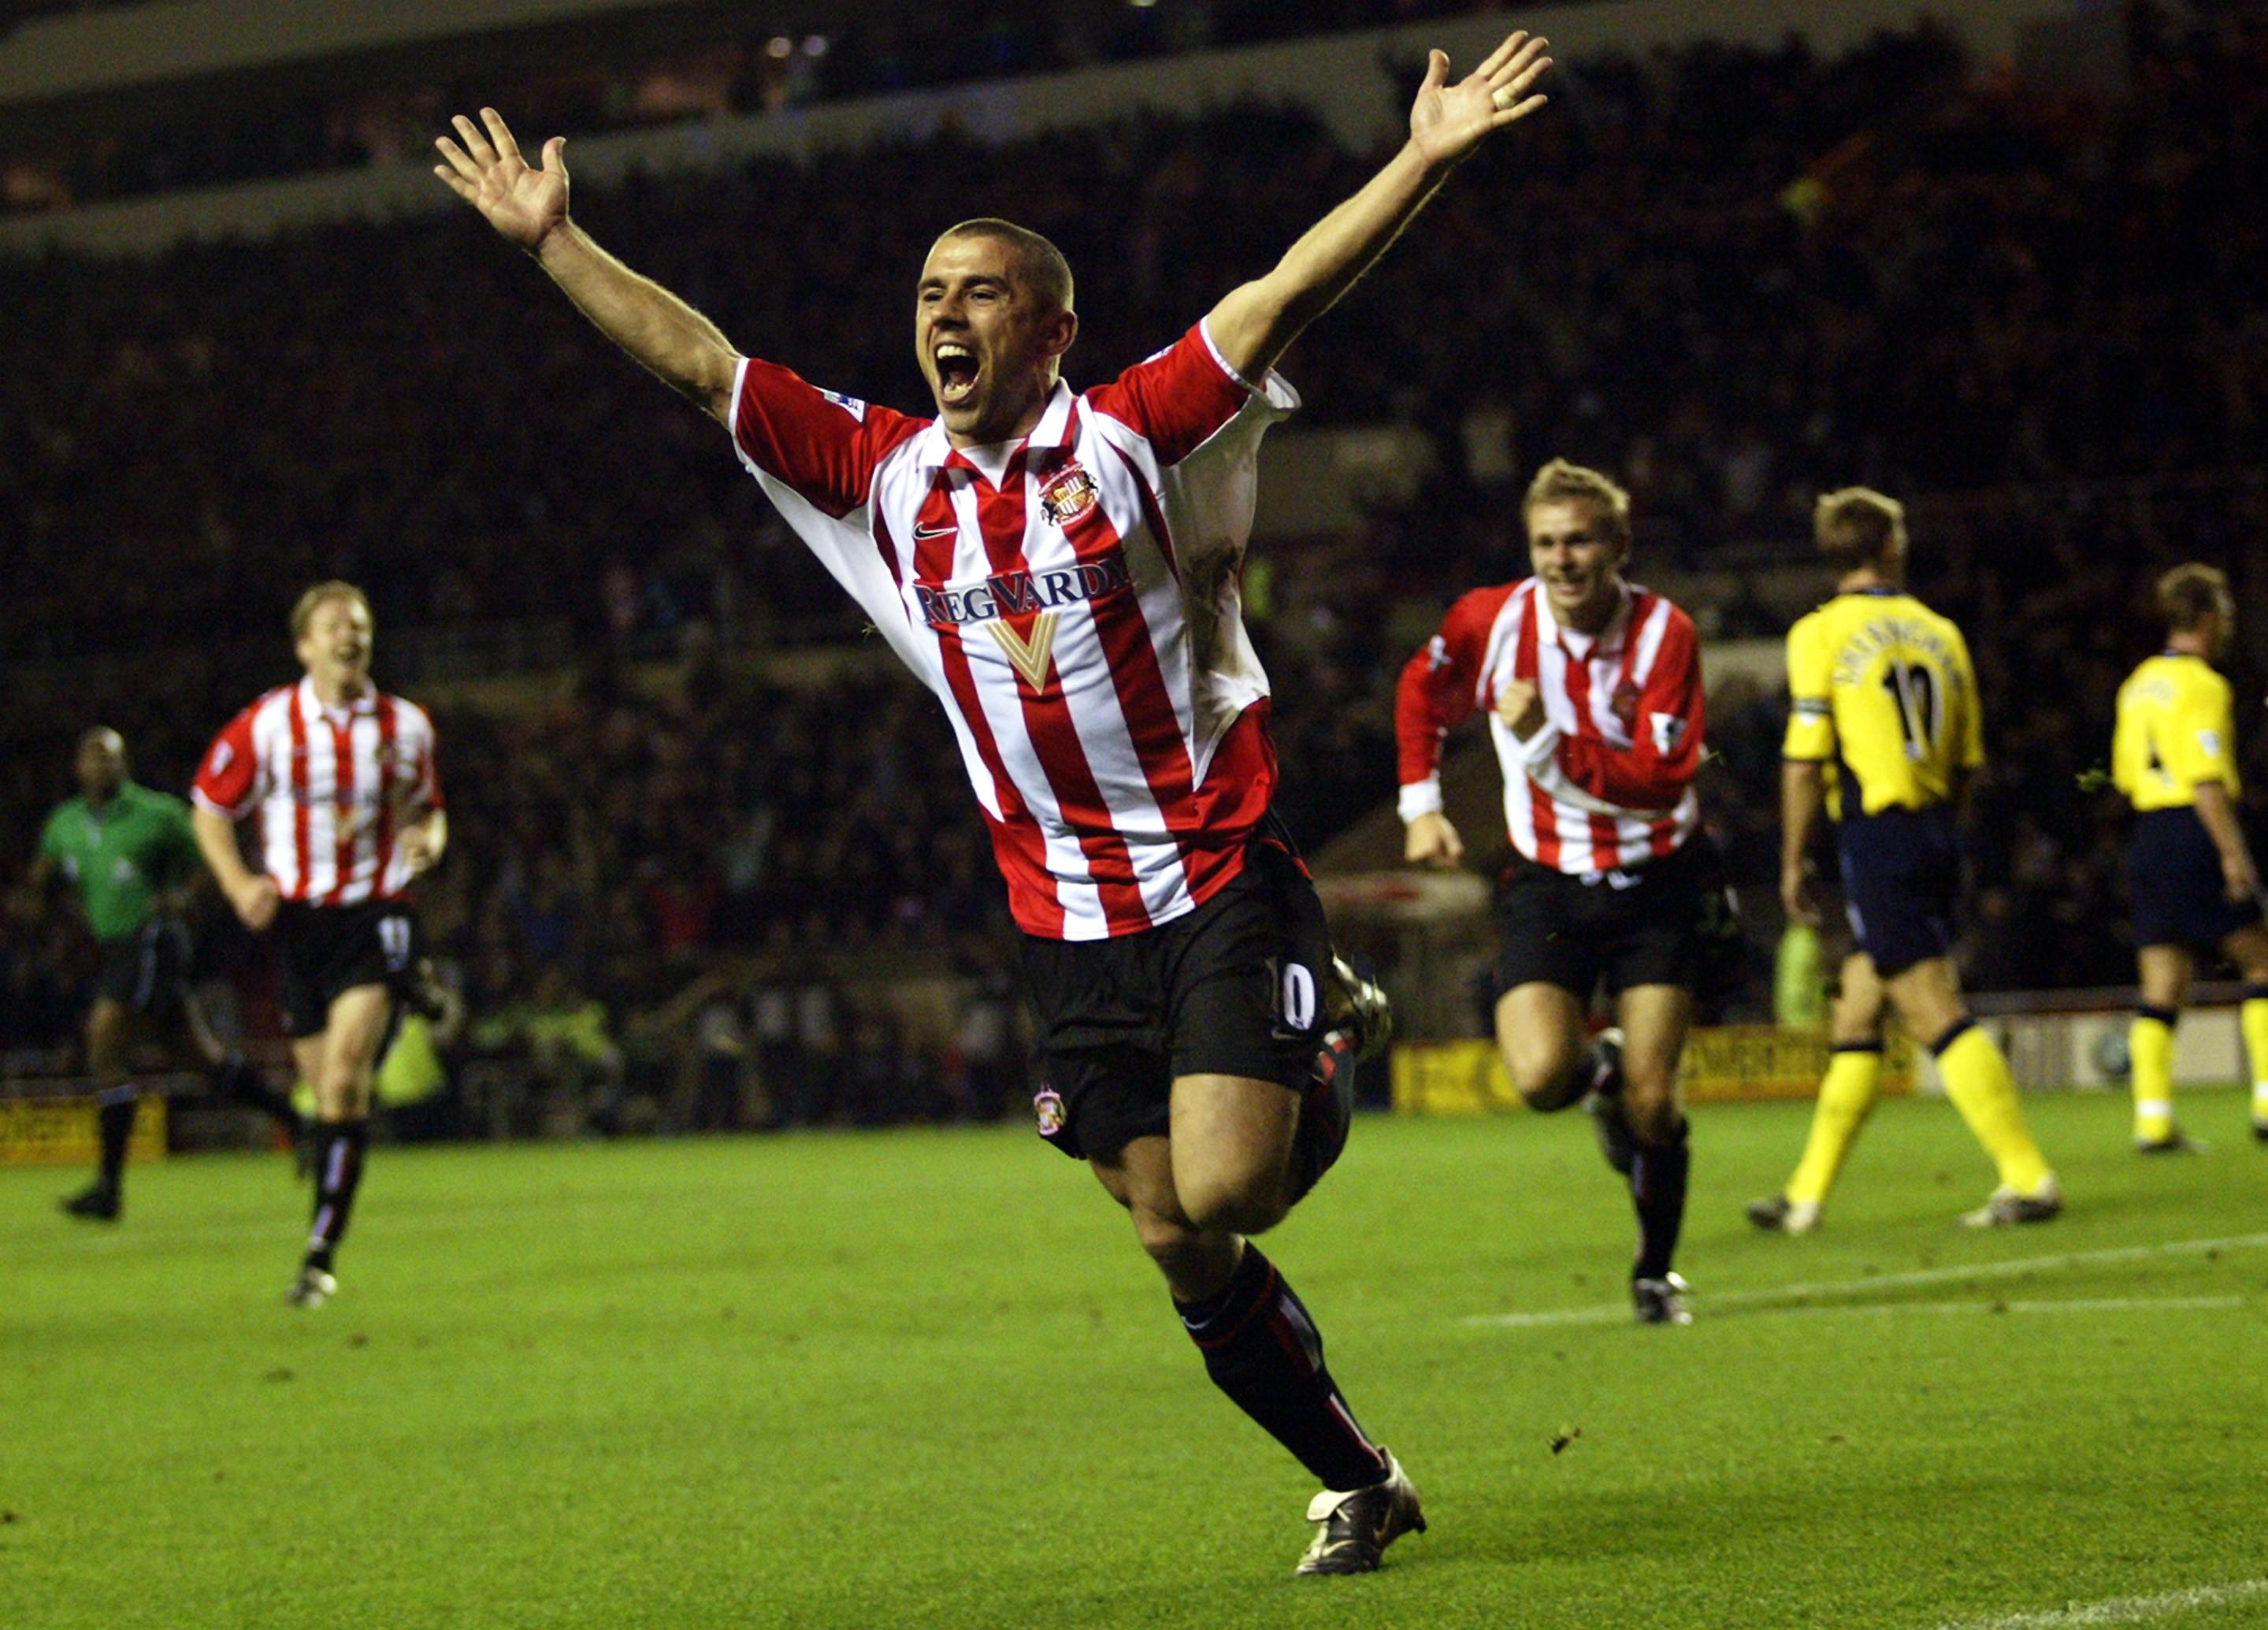 Kevin Phillips ostenta el récord del mejor debut como goleador con sus 30 tantos en la 1999/20 con el Sunderland. / Getty Images